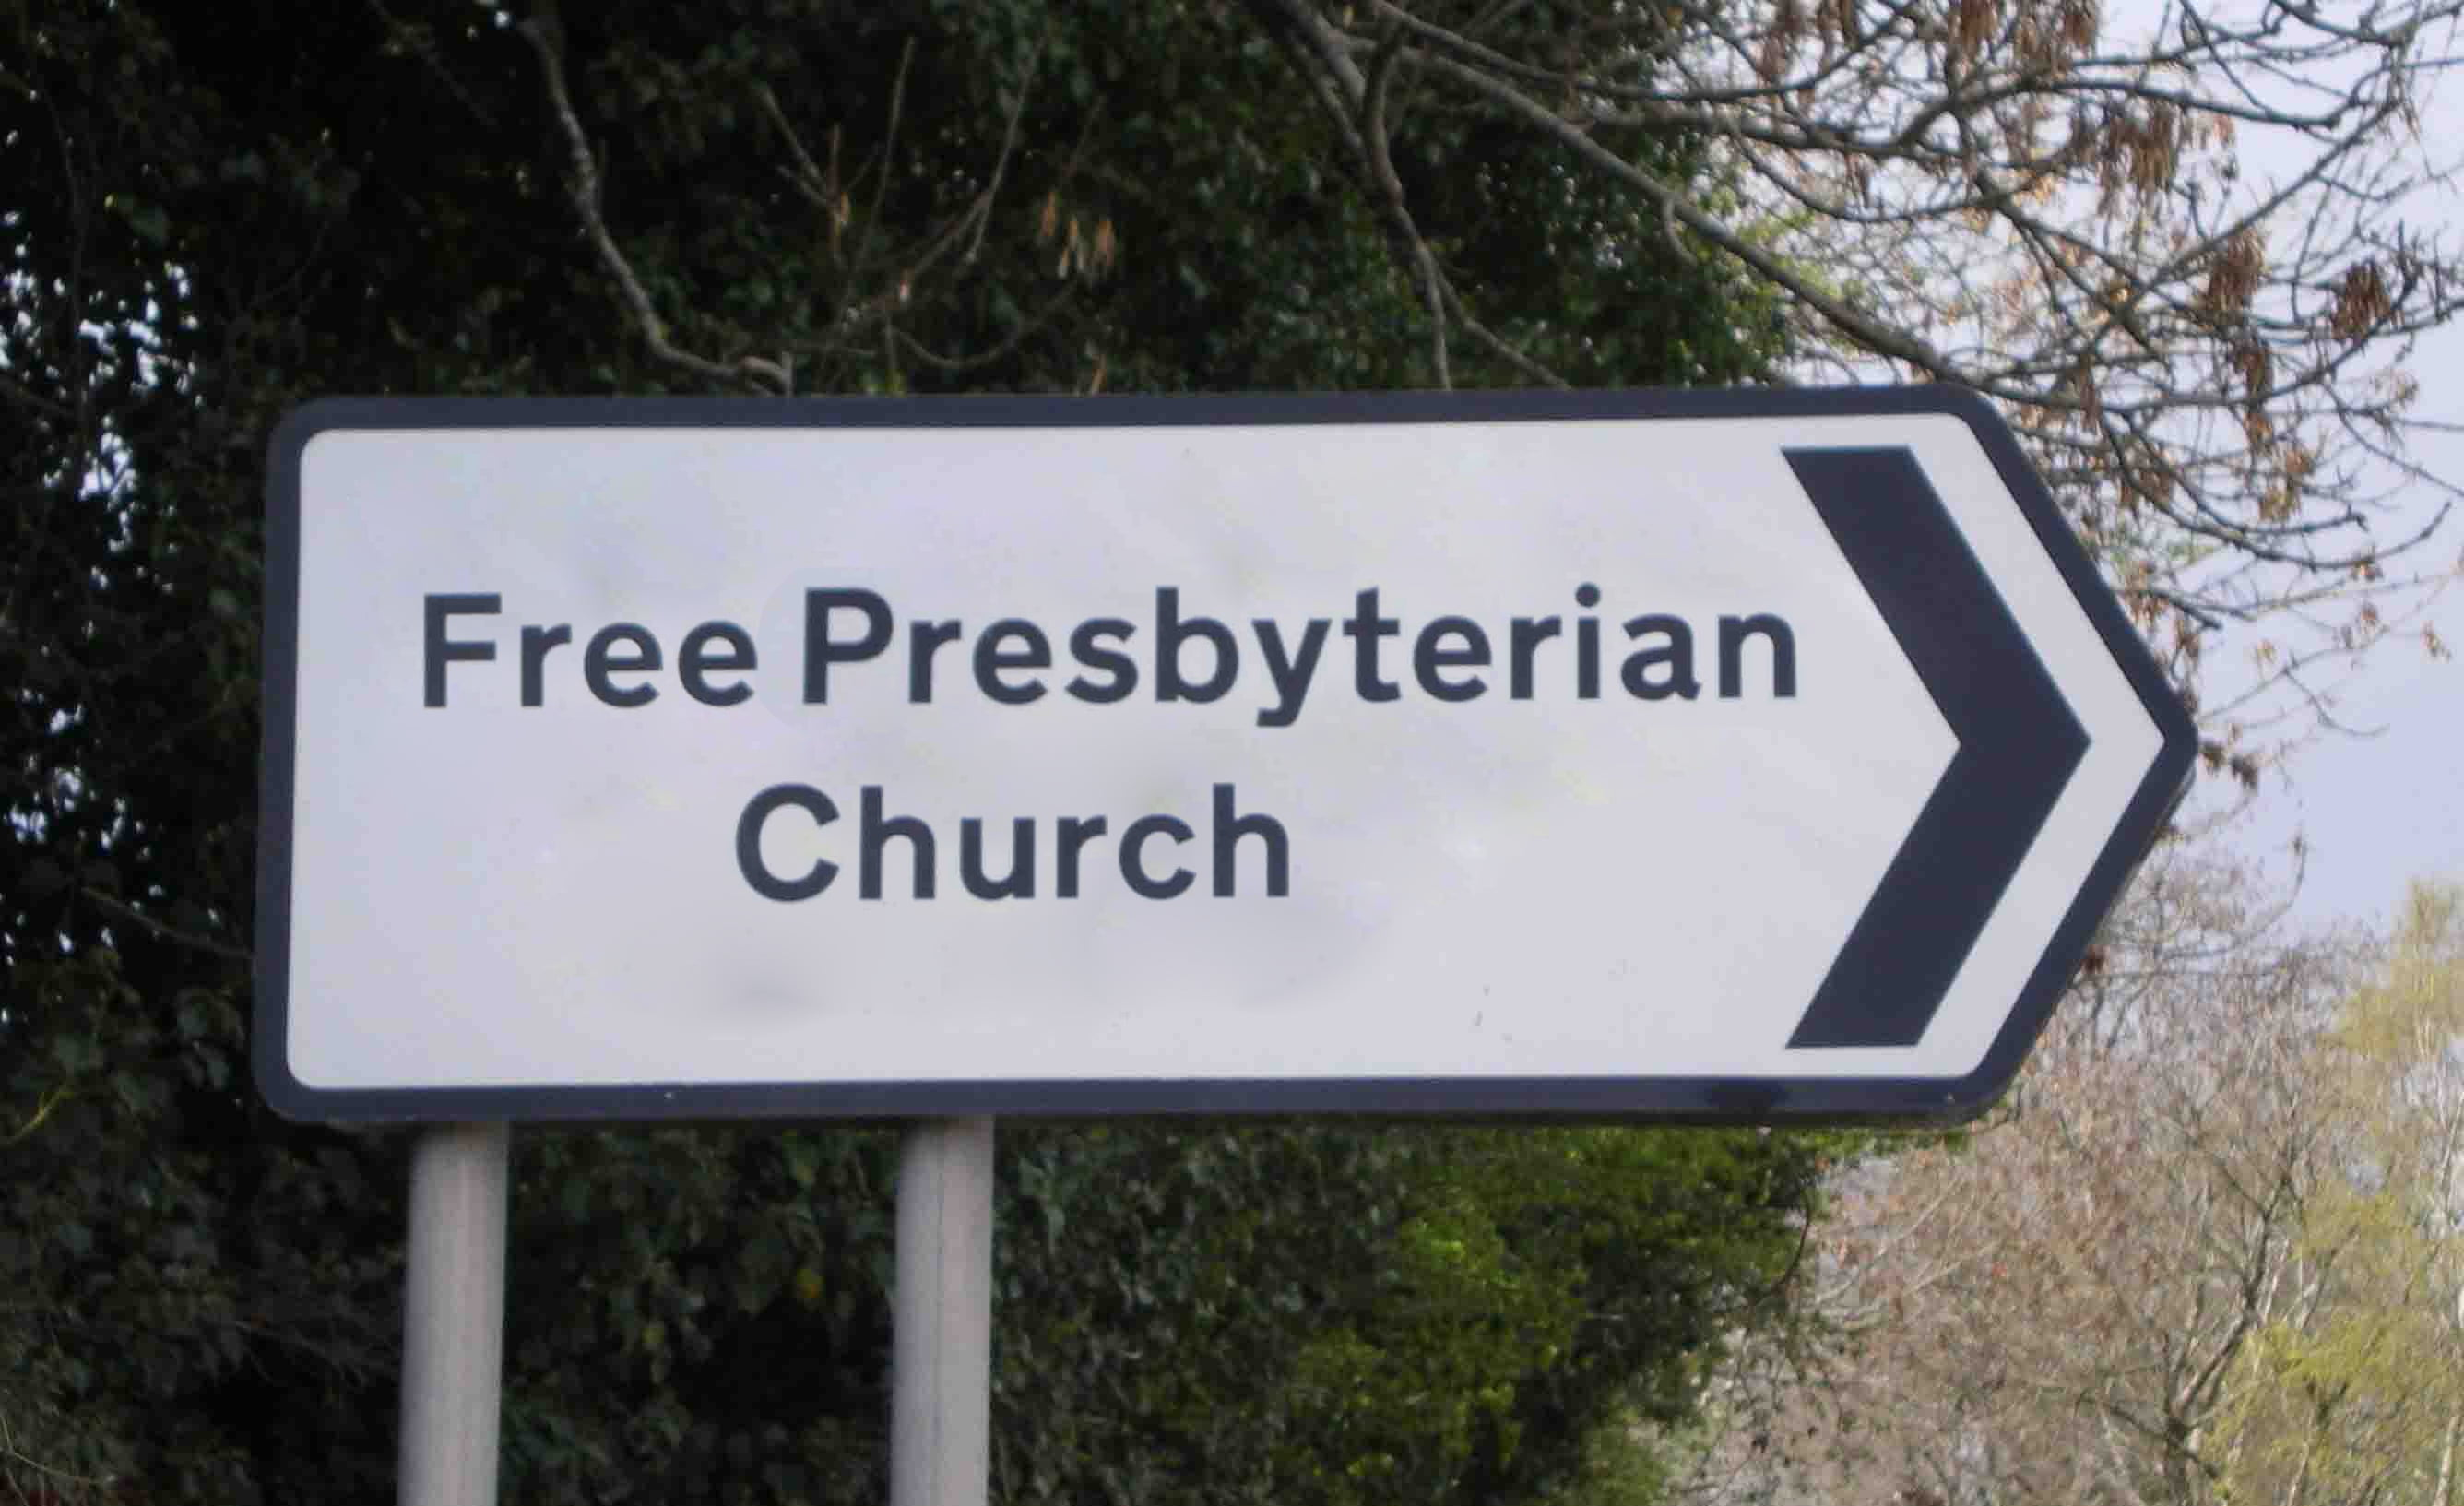 free presbyterian church